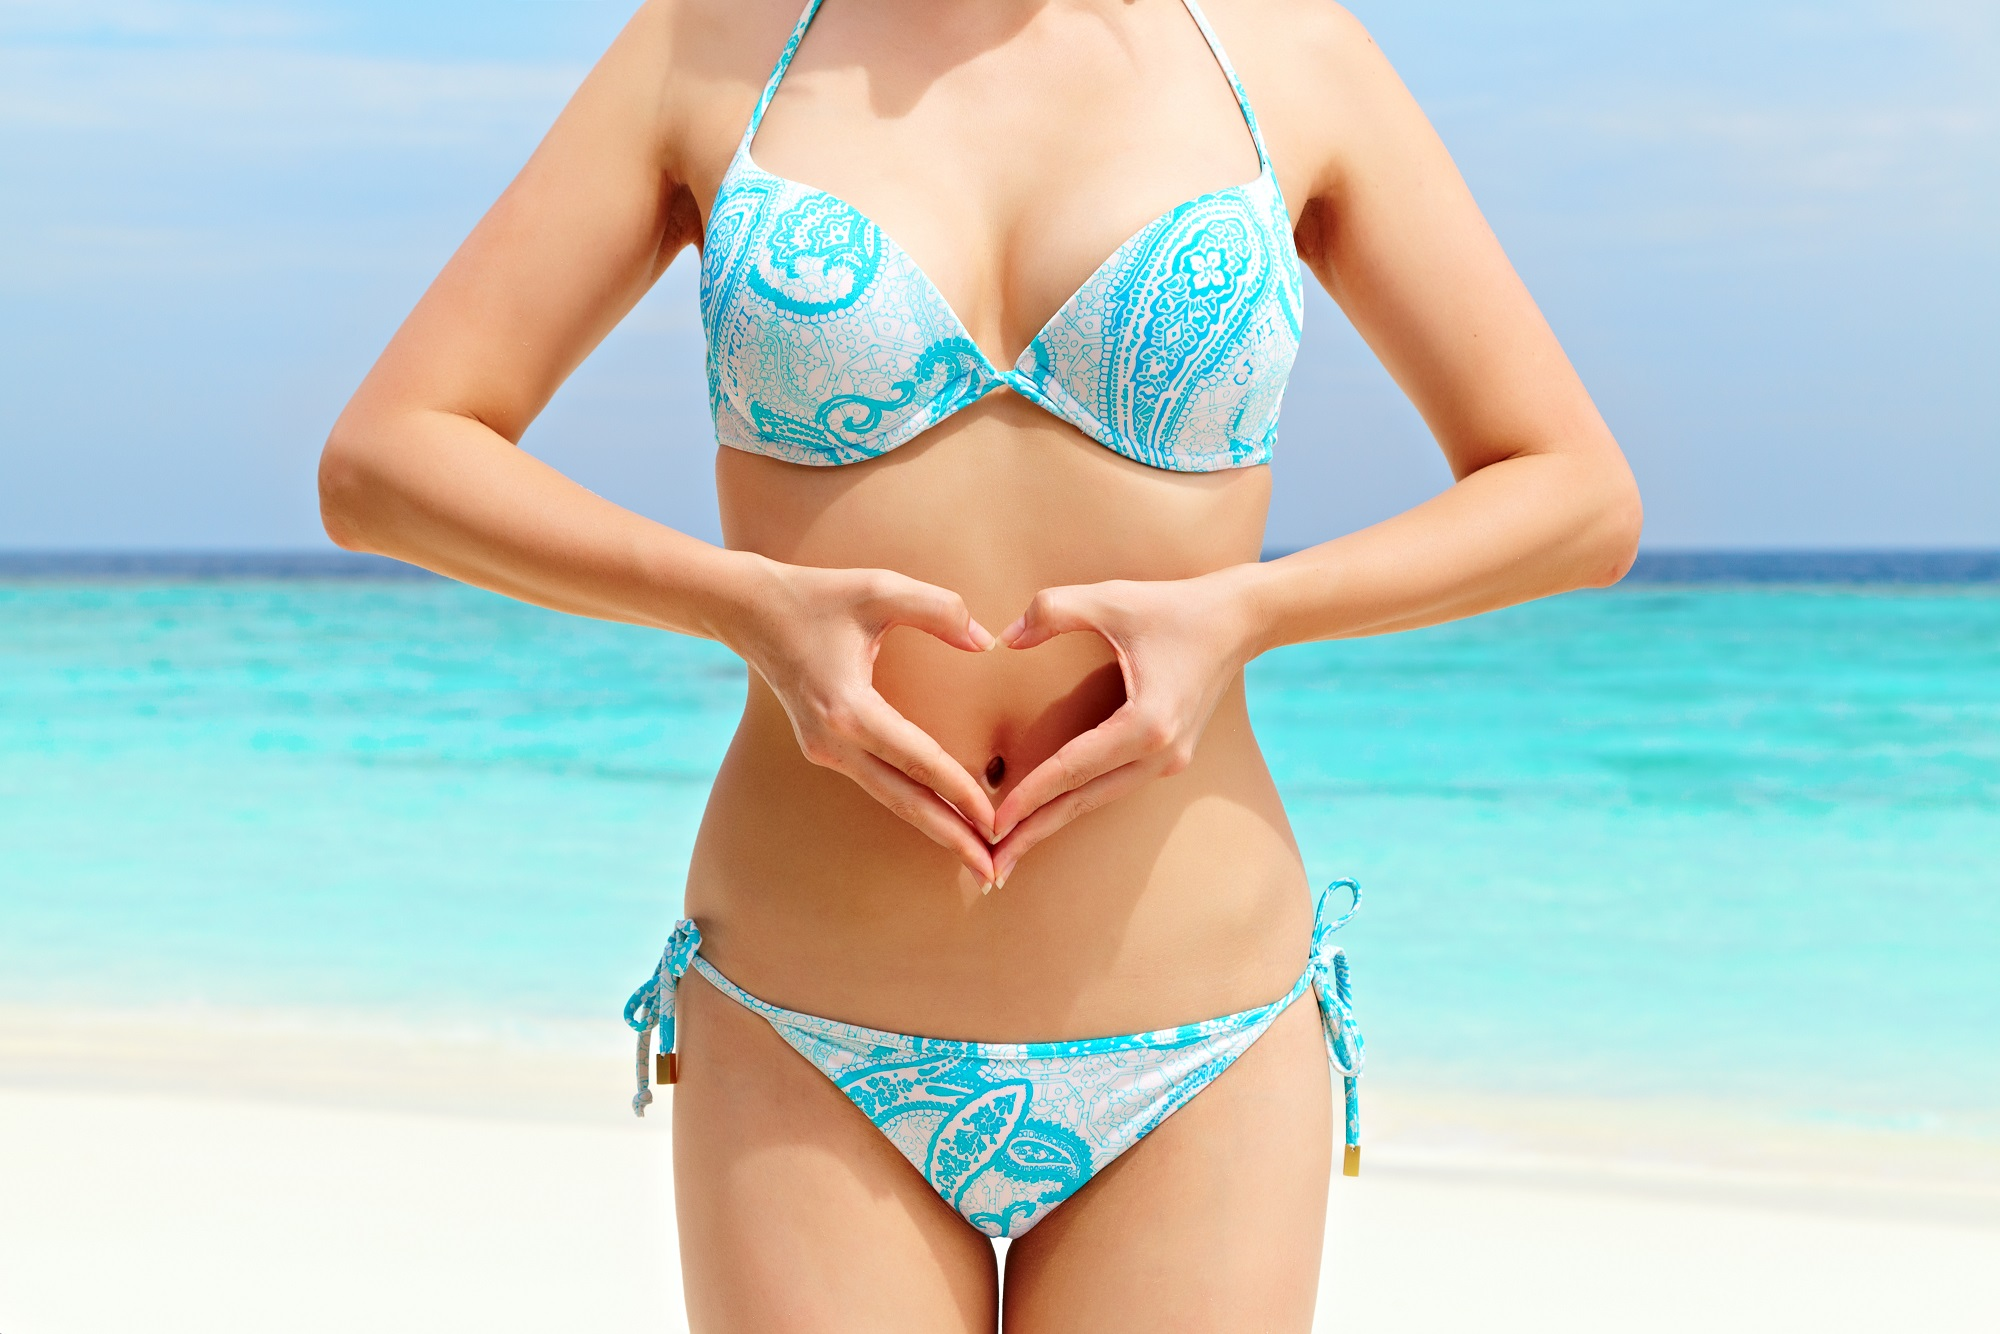 Reguli de vara pentru o digestie usoara